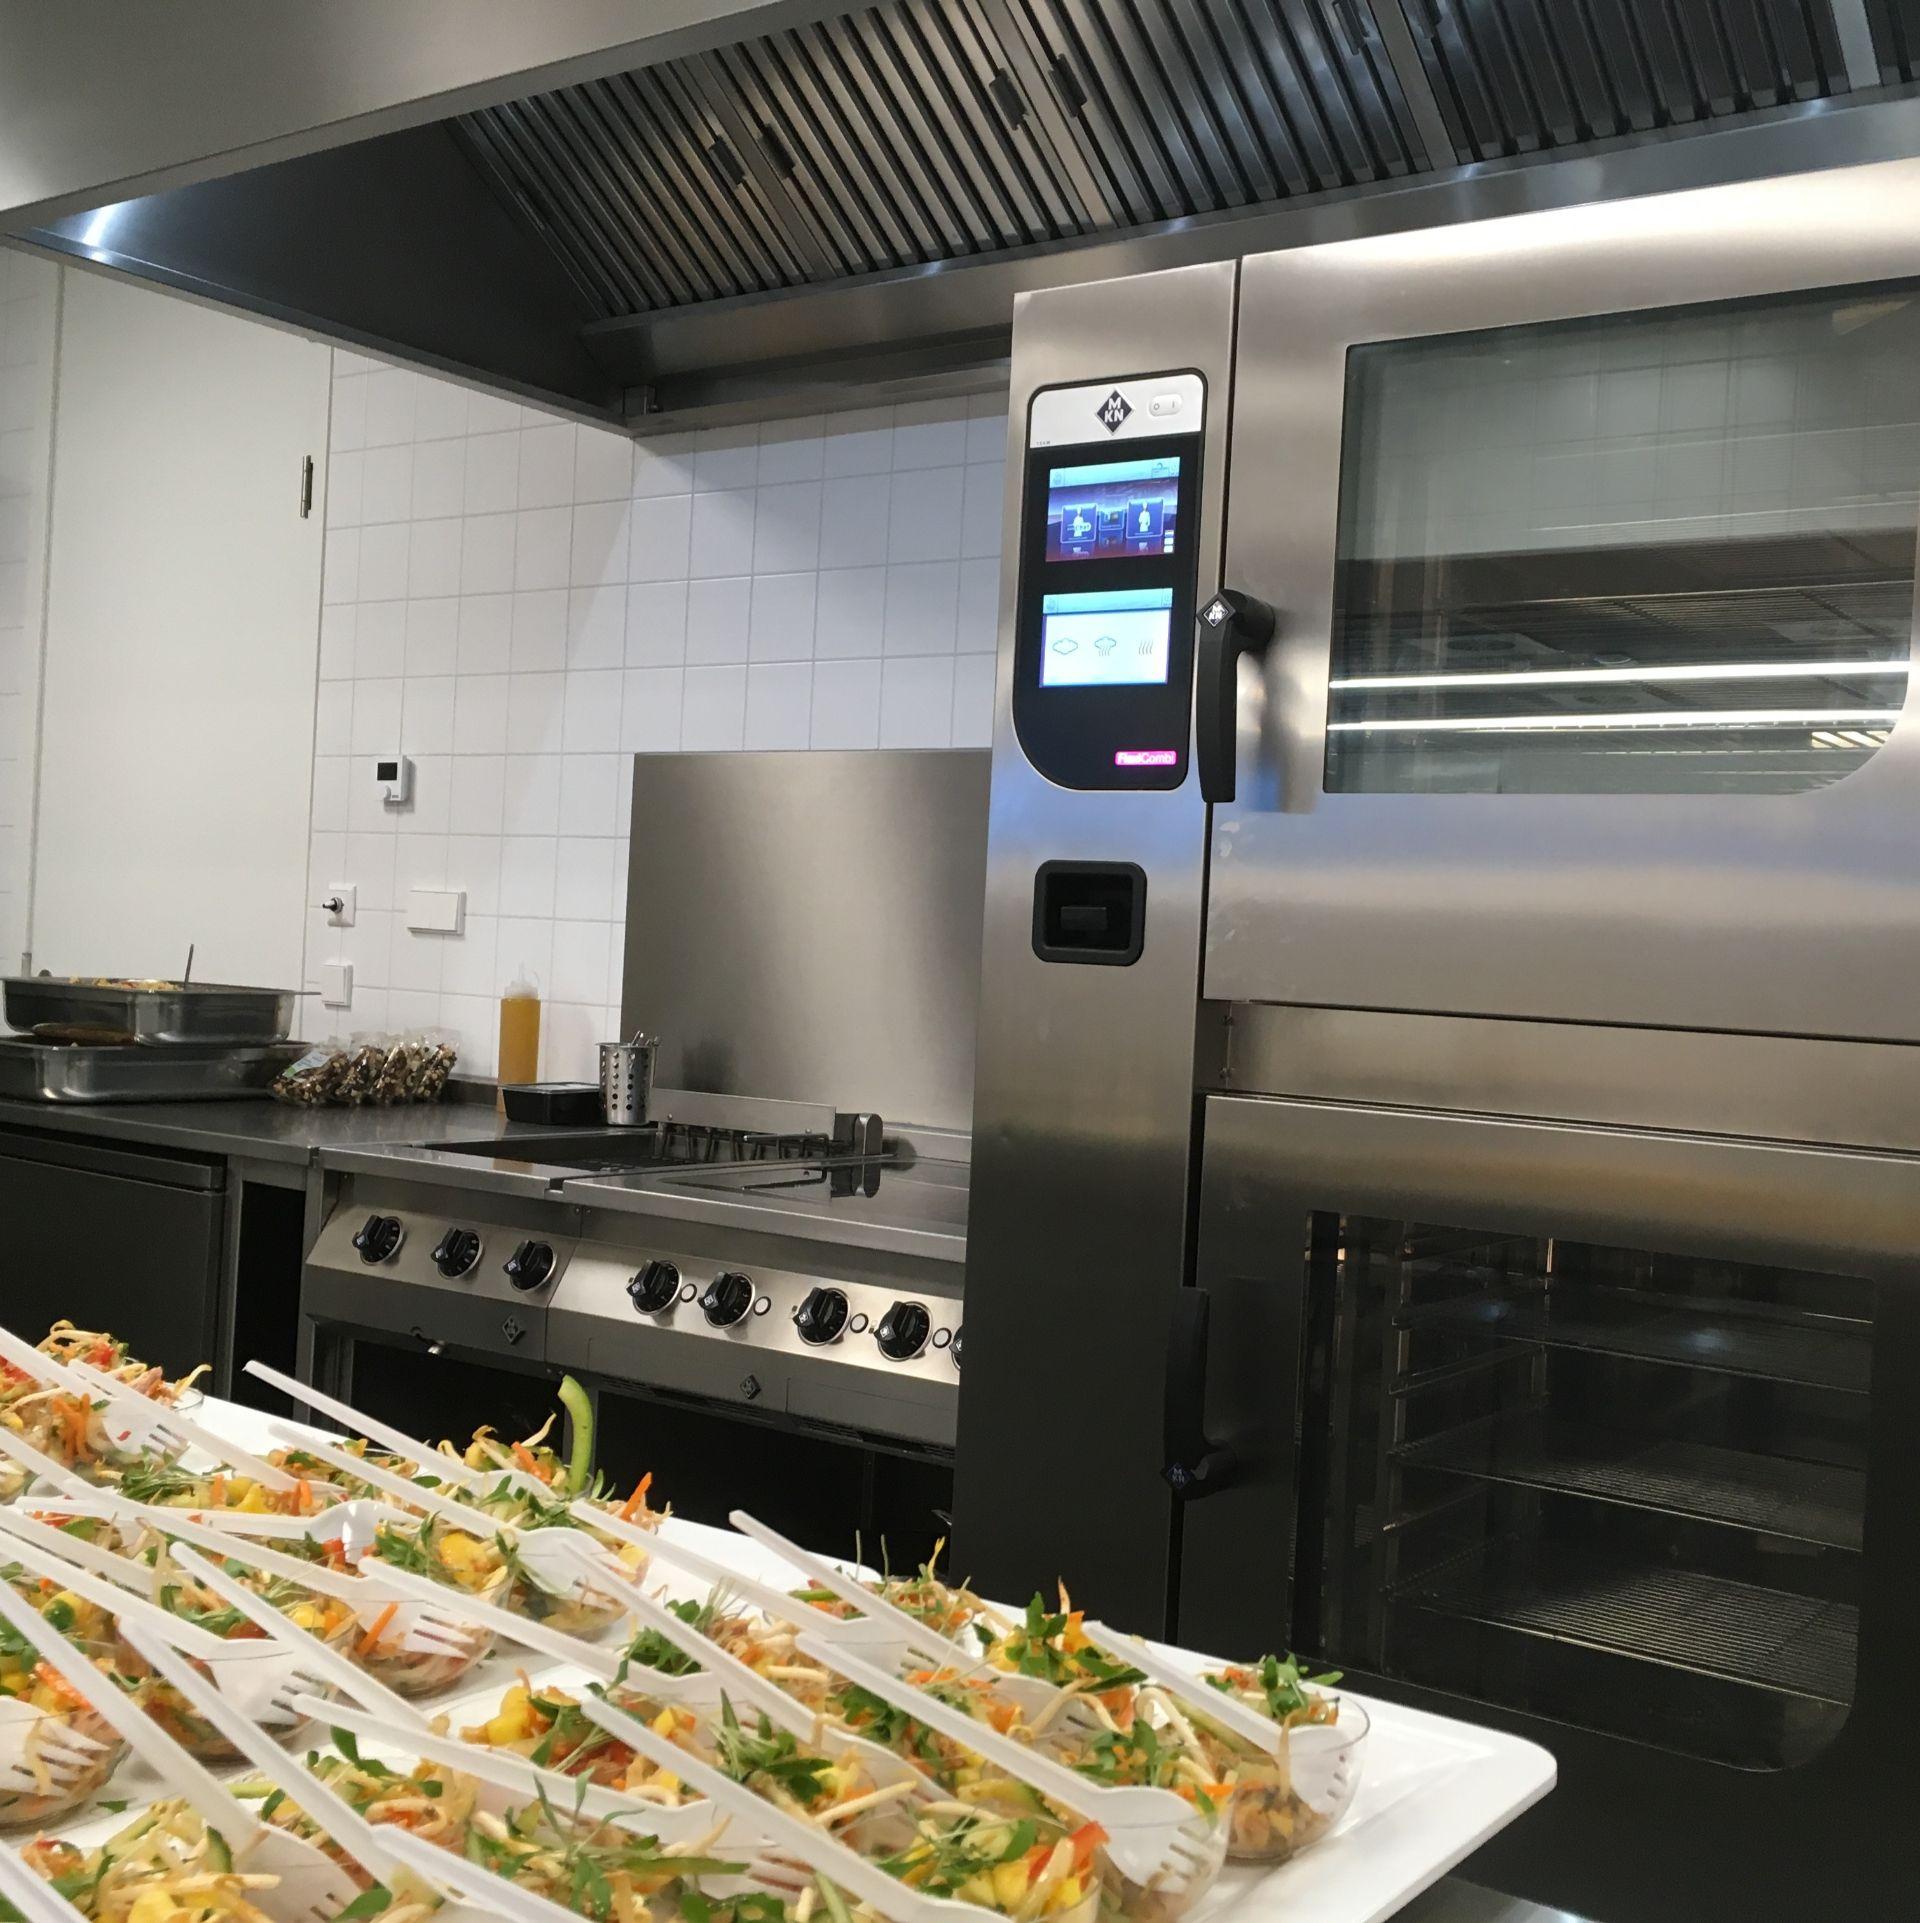 Bedrijfsrestaurant met oven Gemeentewerf